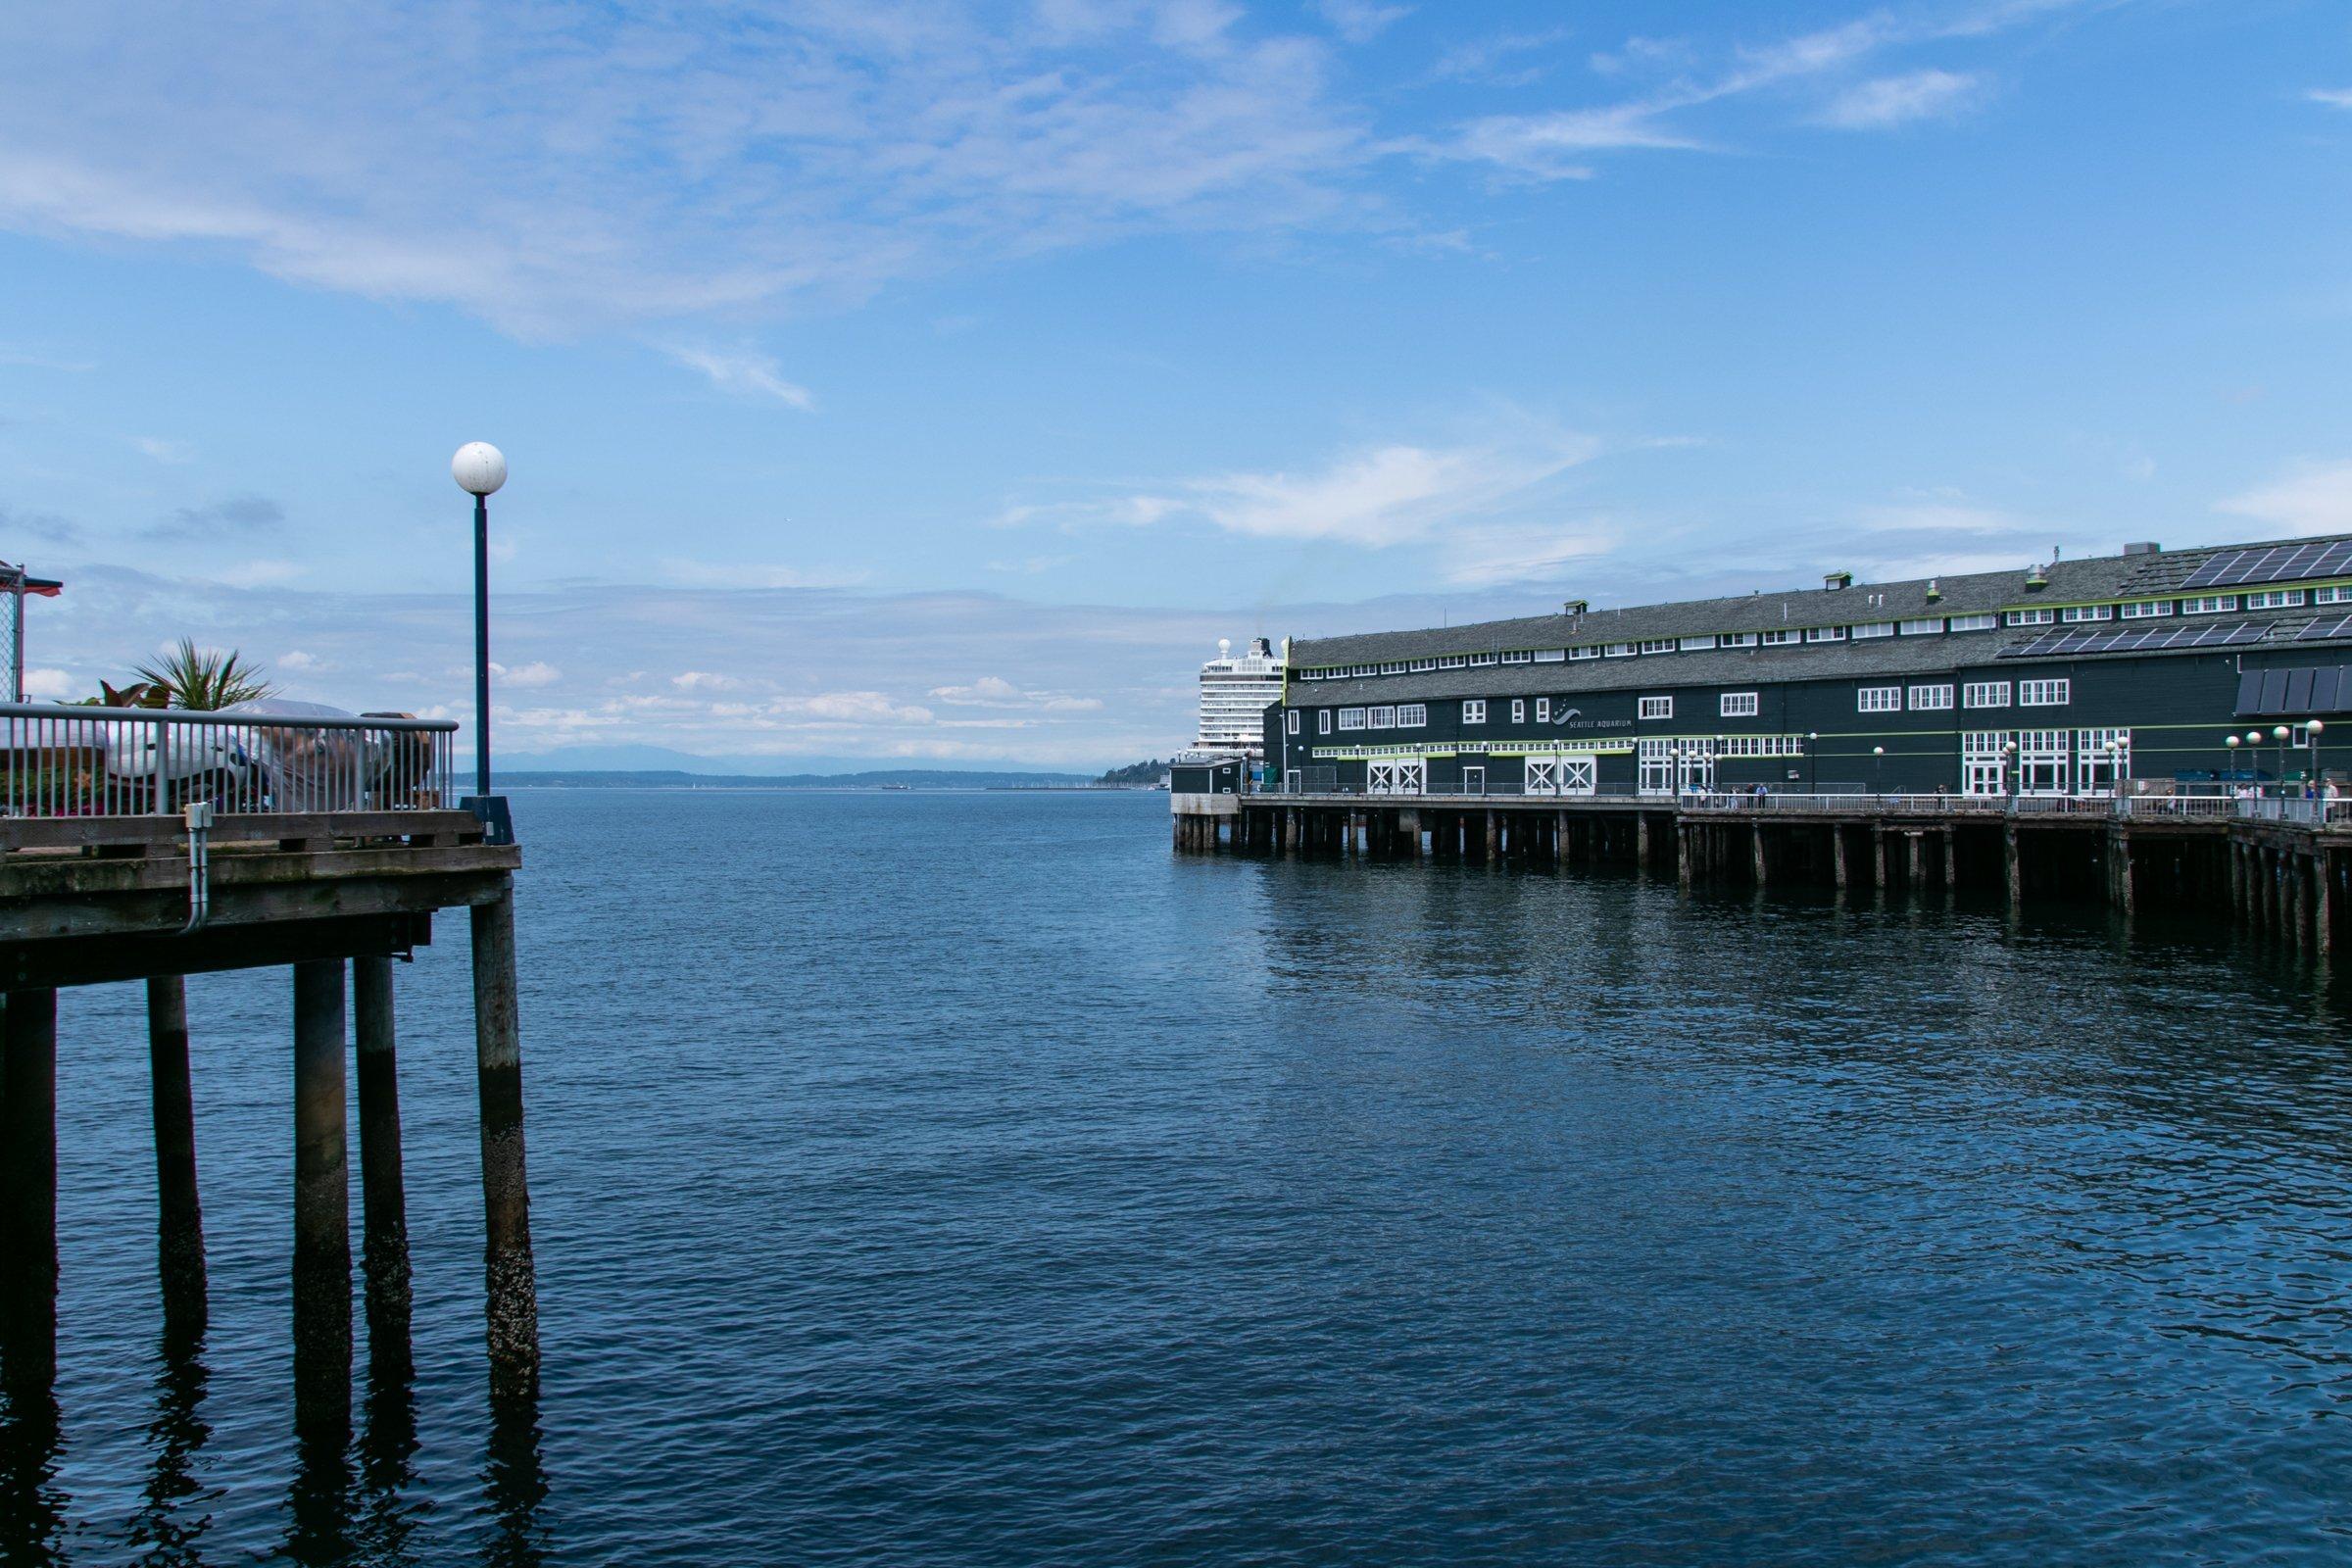 Buildings On Piers In Water